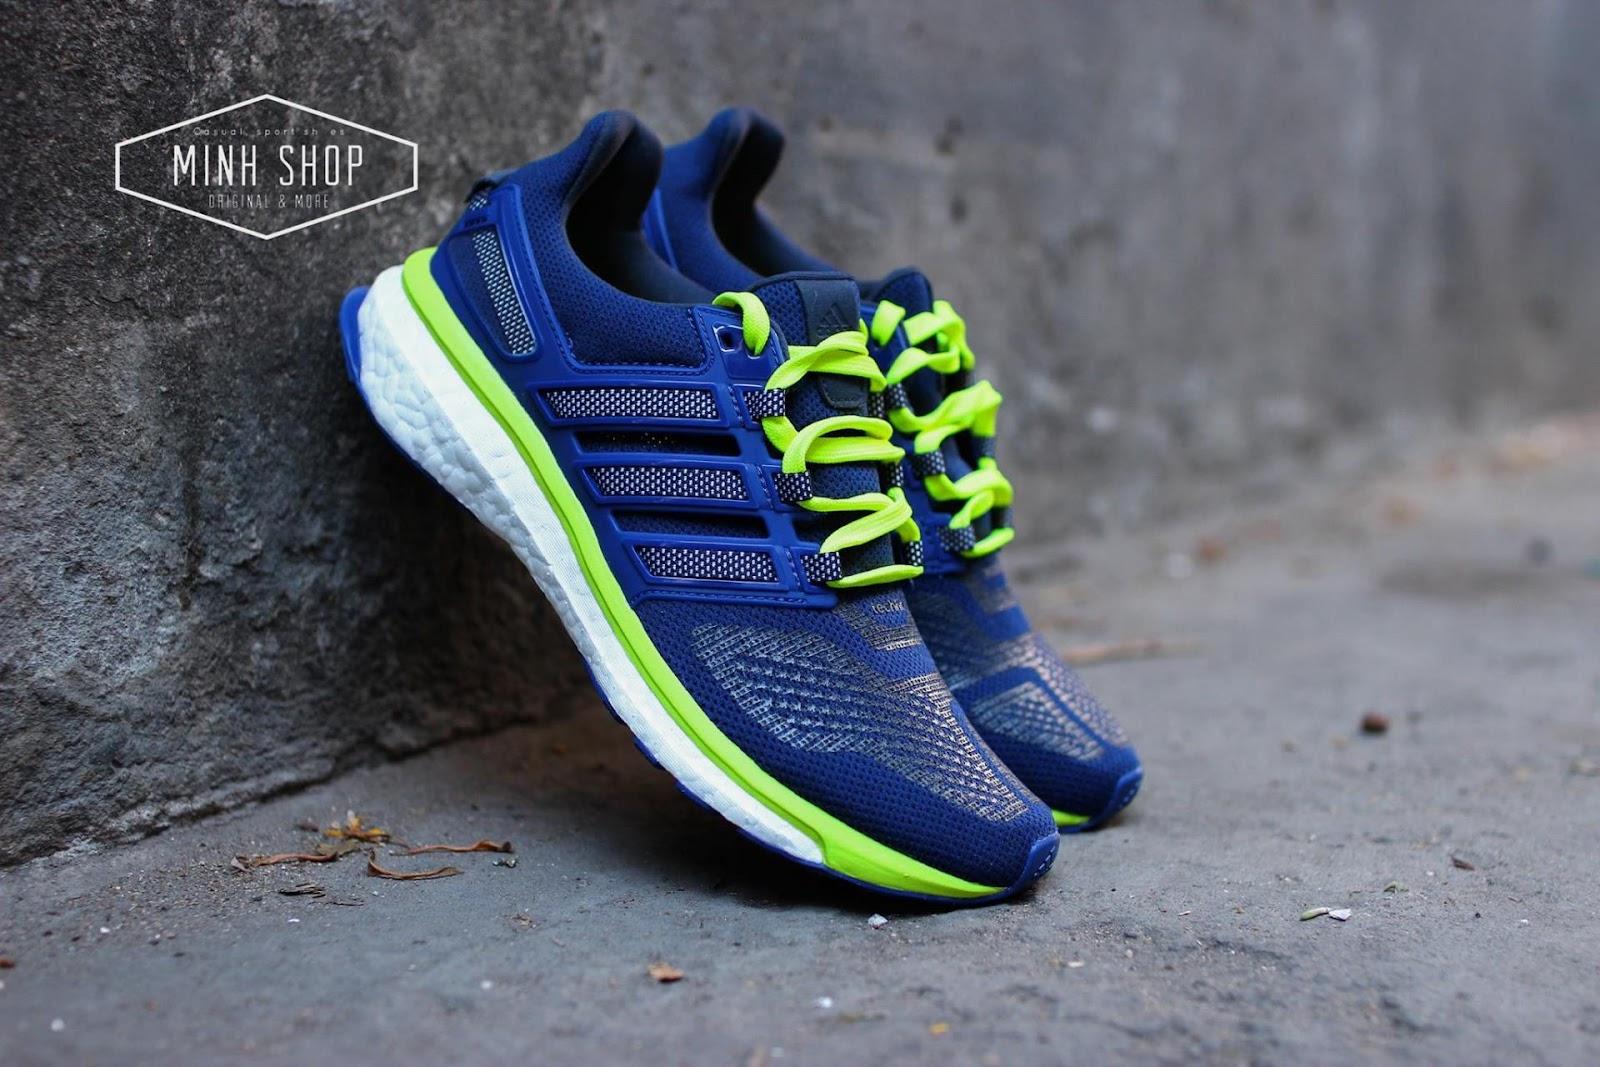 restock-hang-chinh-hang-adidas-enegry-boost-esm-3-0-blue-volt-season-2016.jpeg